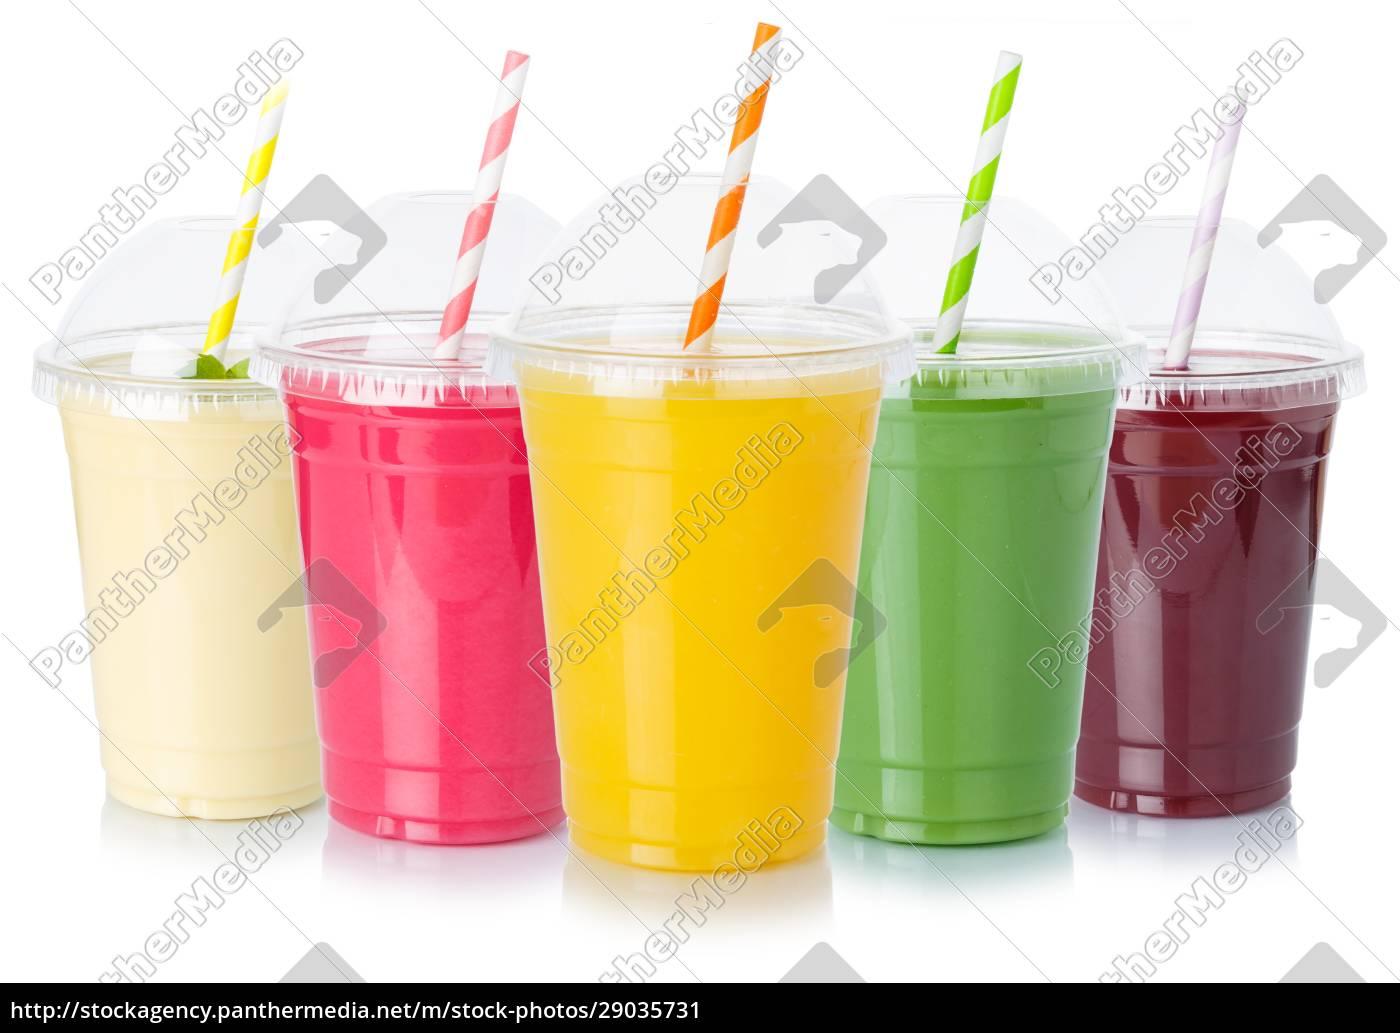 sammlung, von, fruchtsaft, getränk, getränke, gesunde - 29035731